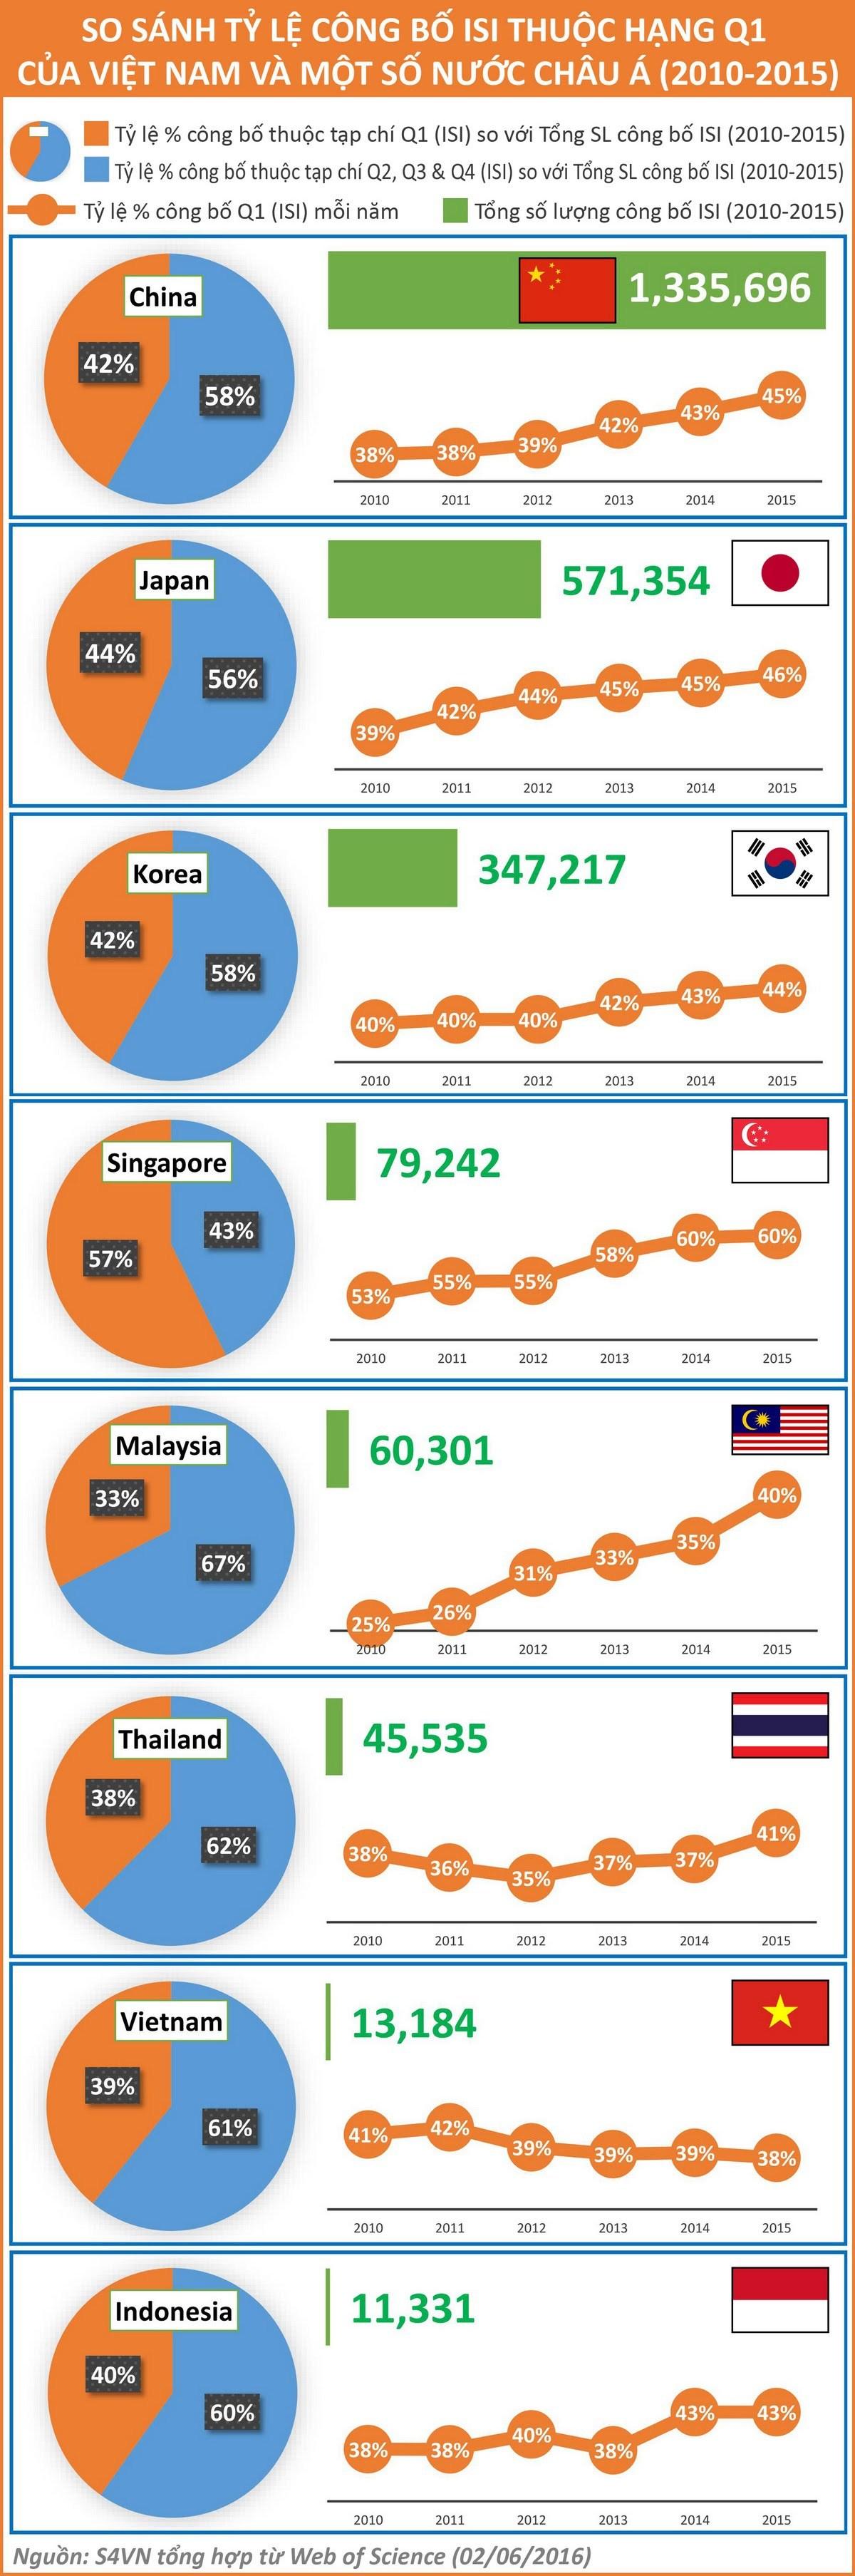 Công bố quốc tế của Việt Nam: Lượng tăng nhưng chất giảm